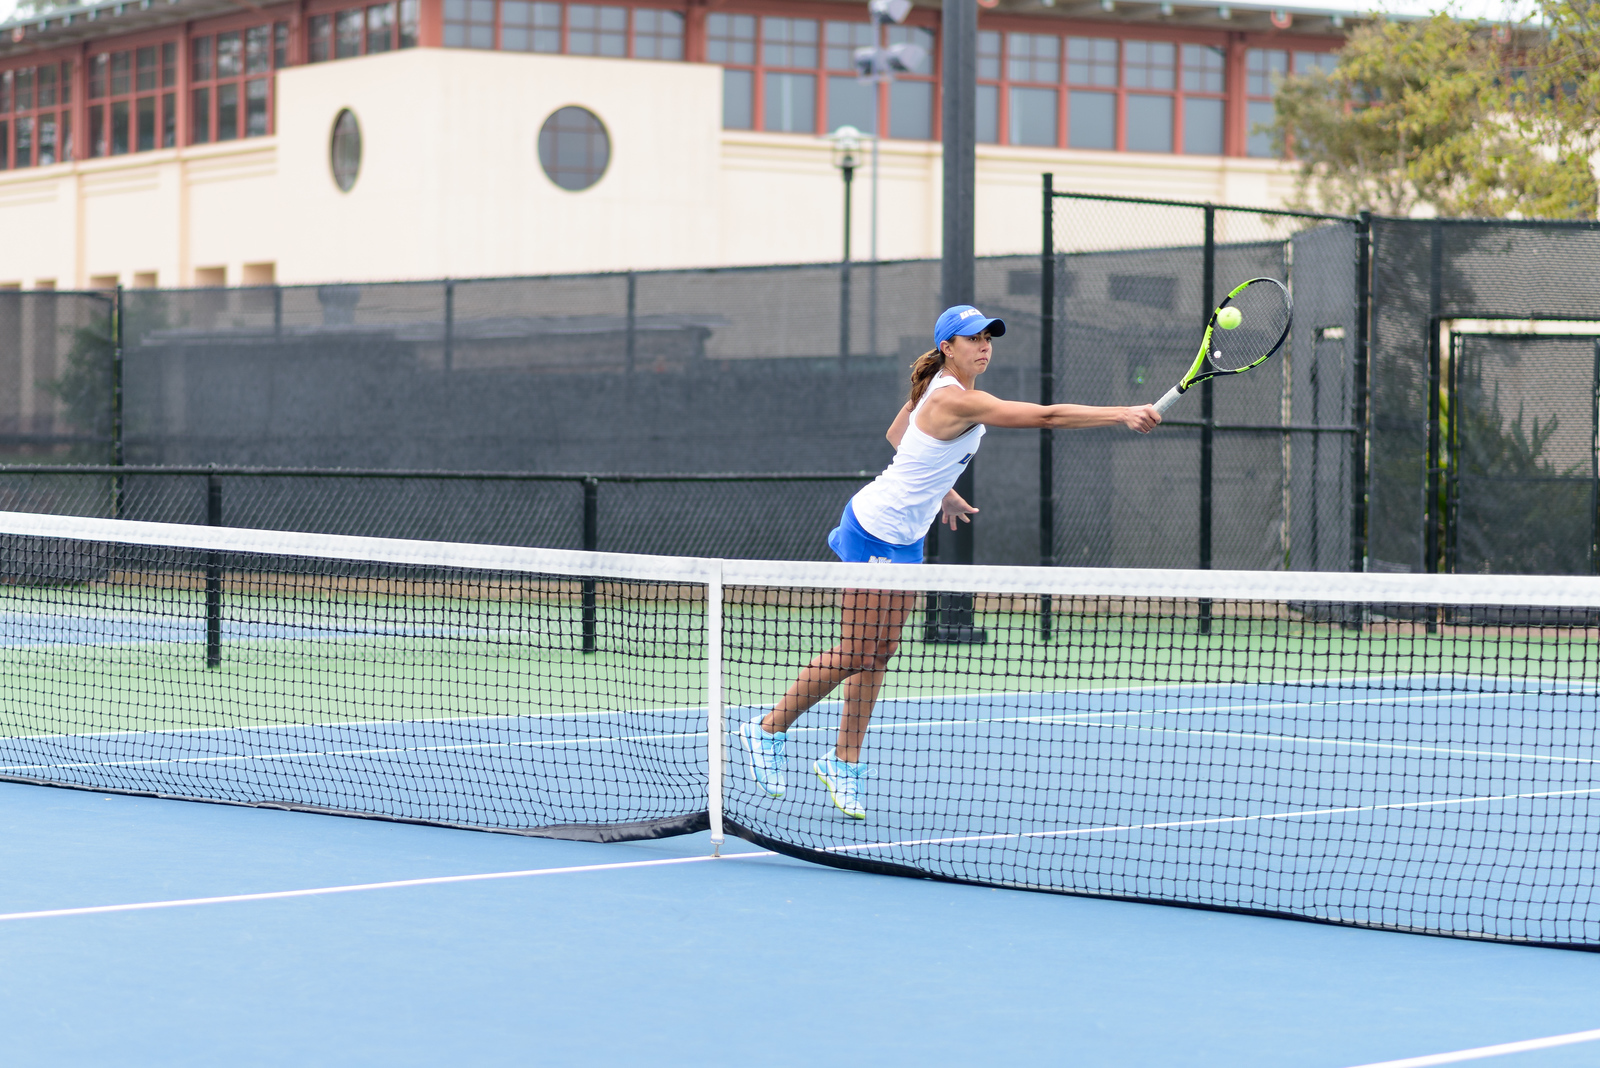 Amanda Atanasson volleys a ball at net.